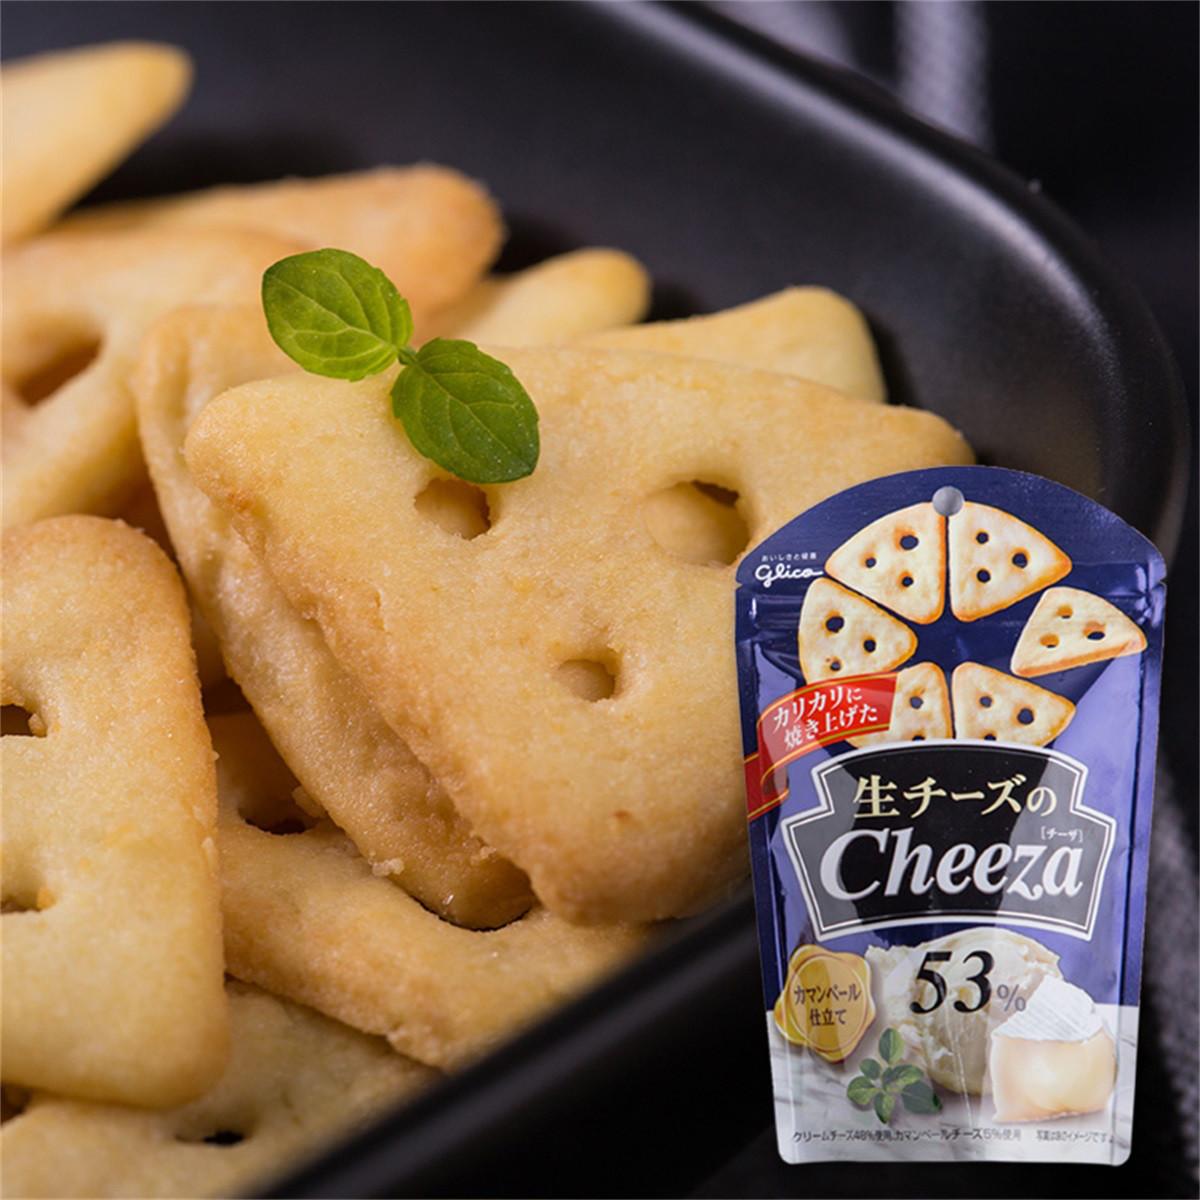 和風细语glico格力高芝士奶酪芝麻味三角饼干浓醇产品升级休闲零食COLOR芝士味